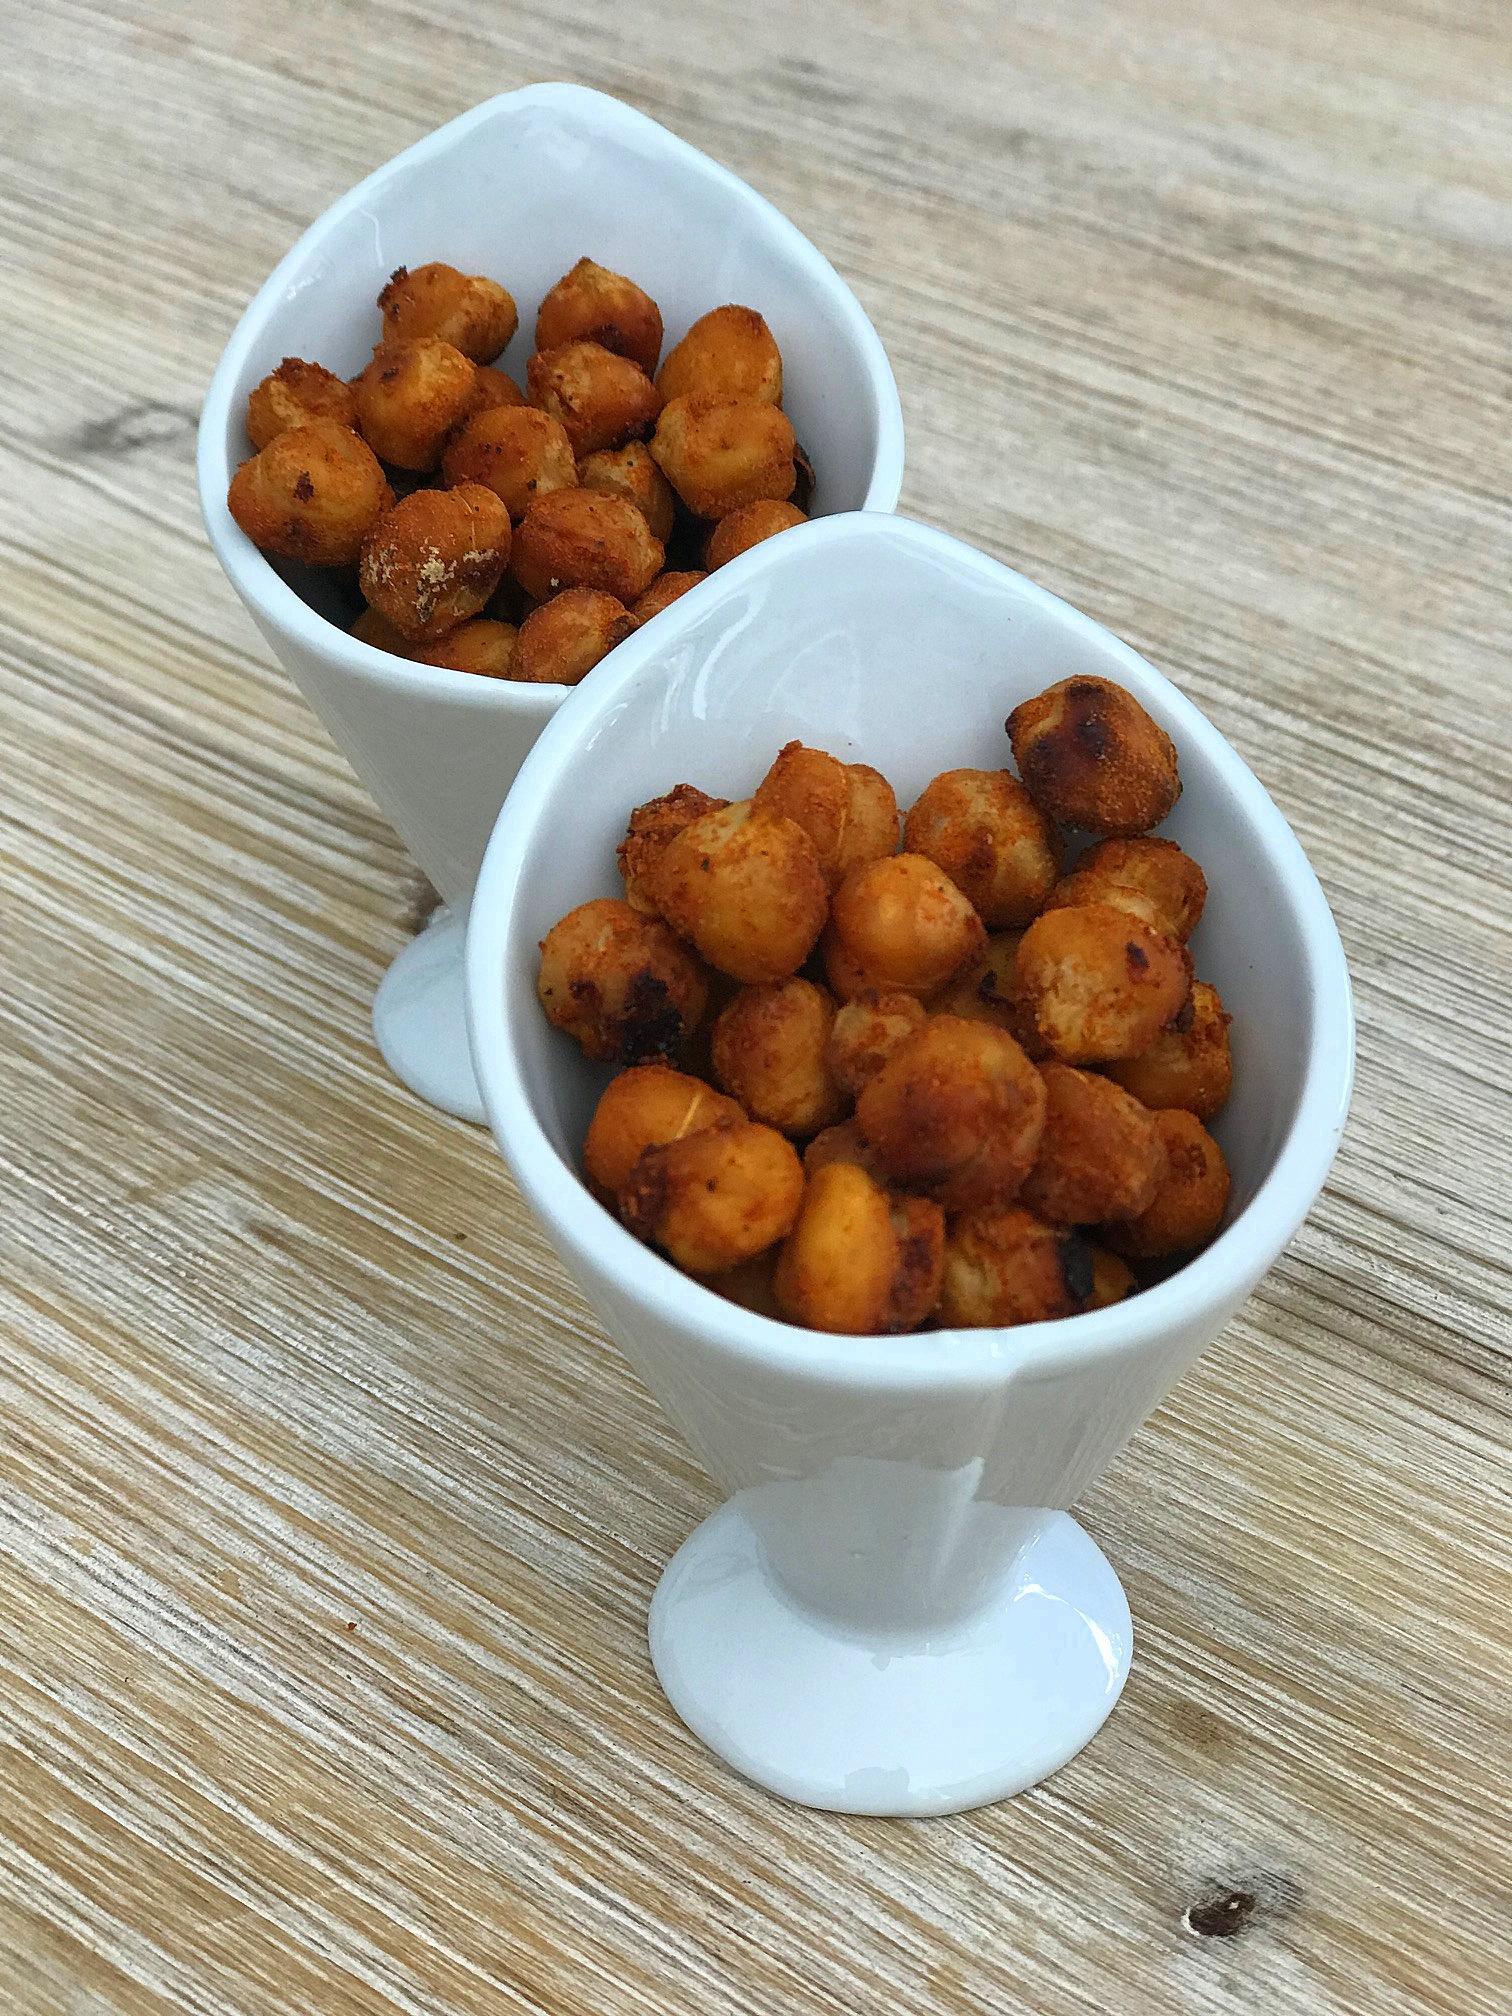 Spicy chickpeas (aperitivo de garbanzos especiados)